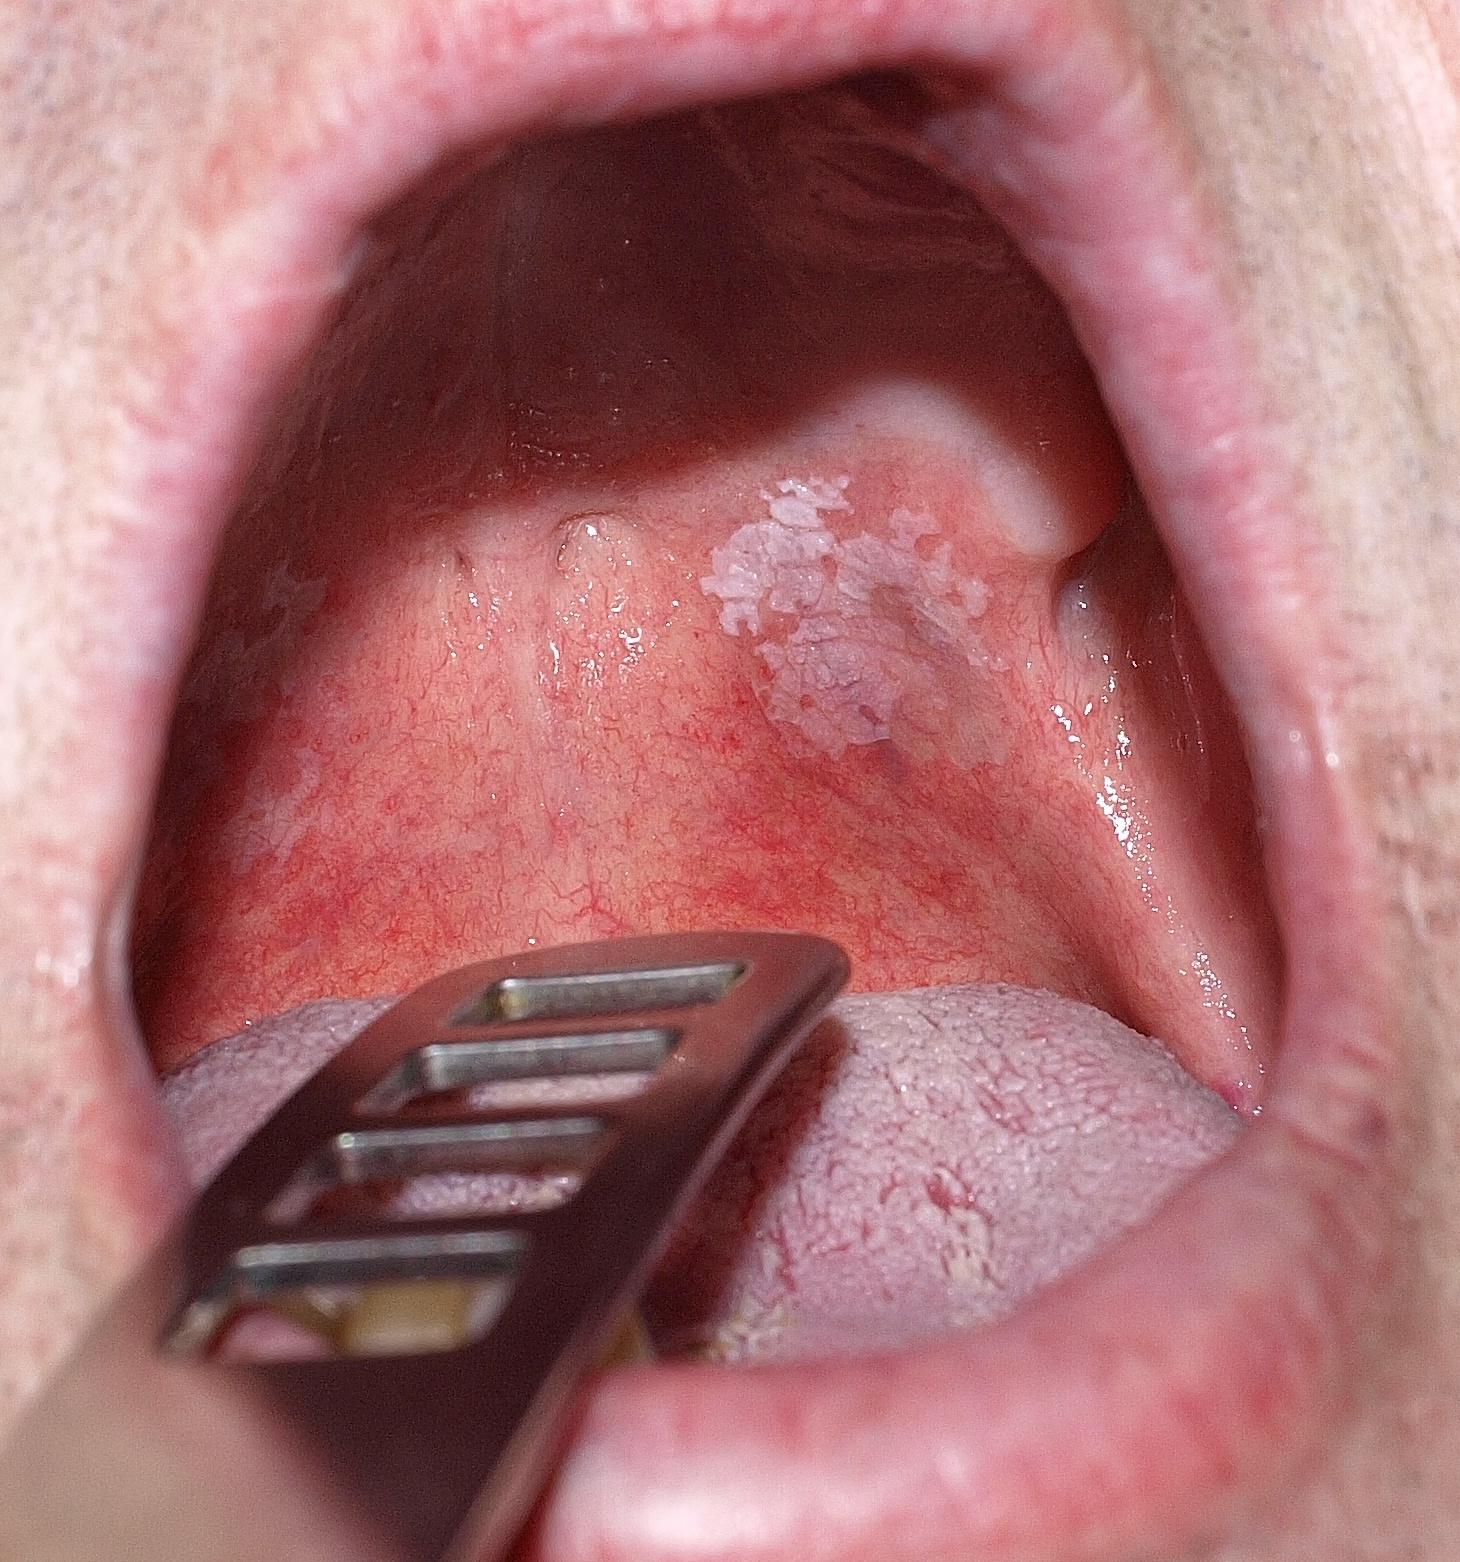 hogyan lehet eltávolítani a szemölcsöket a nyelv alatt a hólyag papillómái